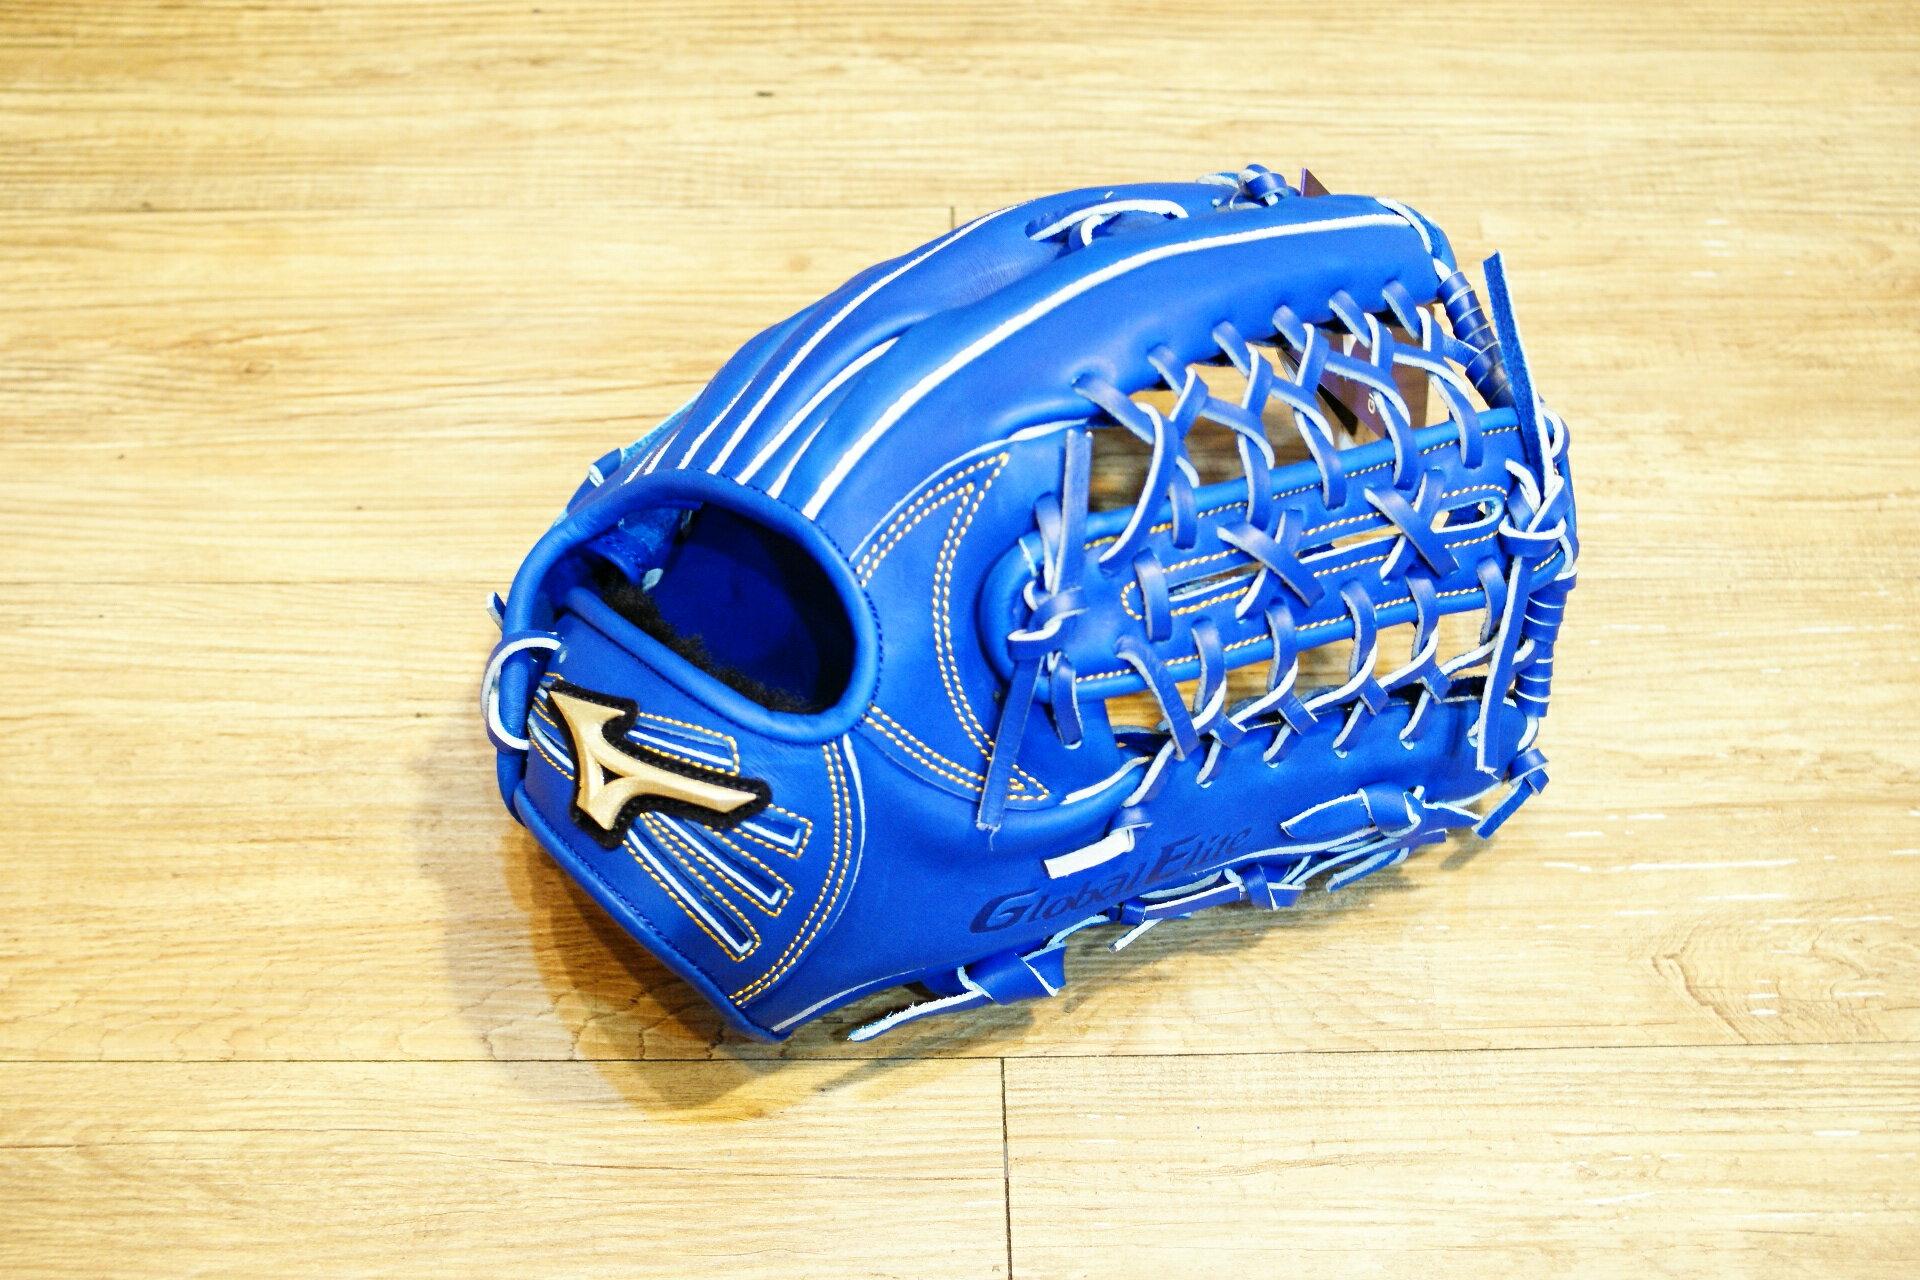 棒球世界 全新Mizuno美津濃 GLOBAL ELITE 硬式棒球外野手套 特價 藍色款